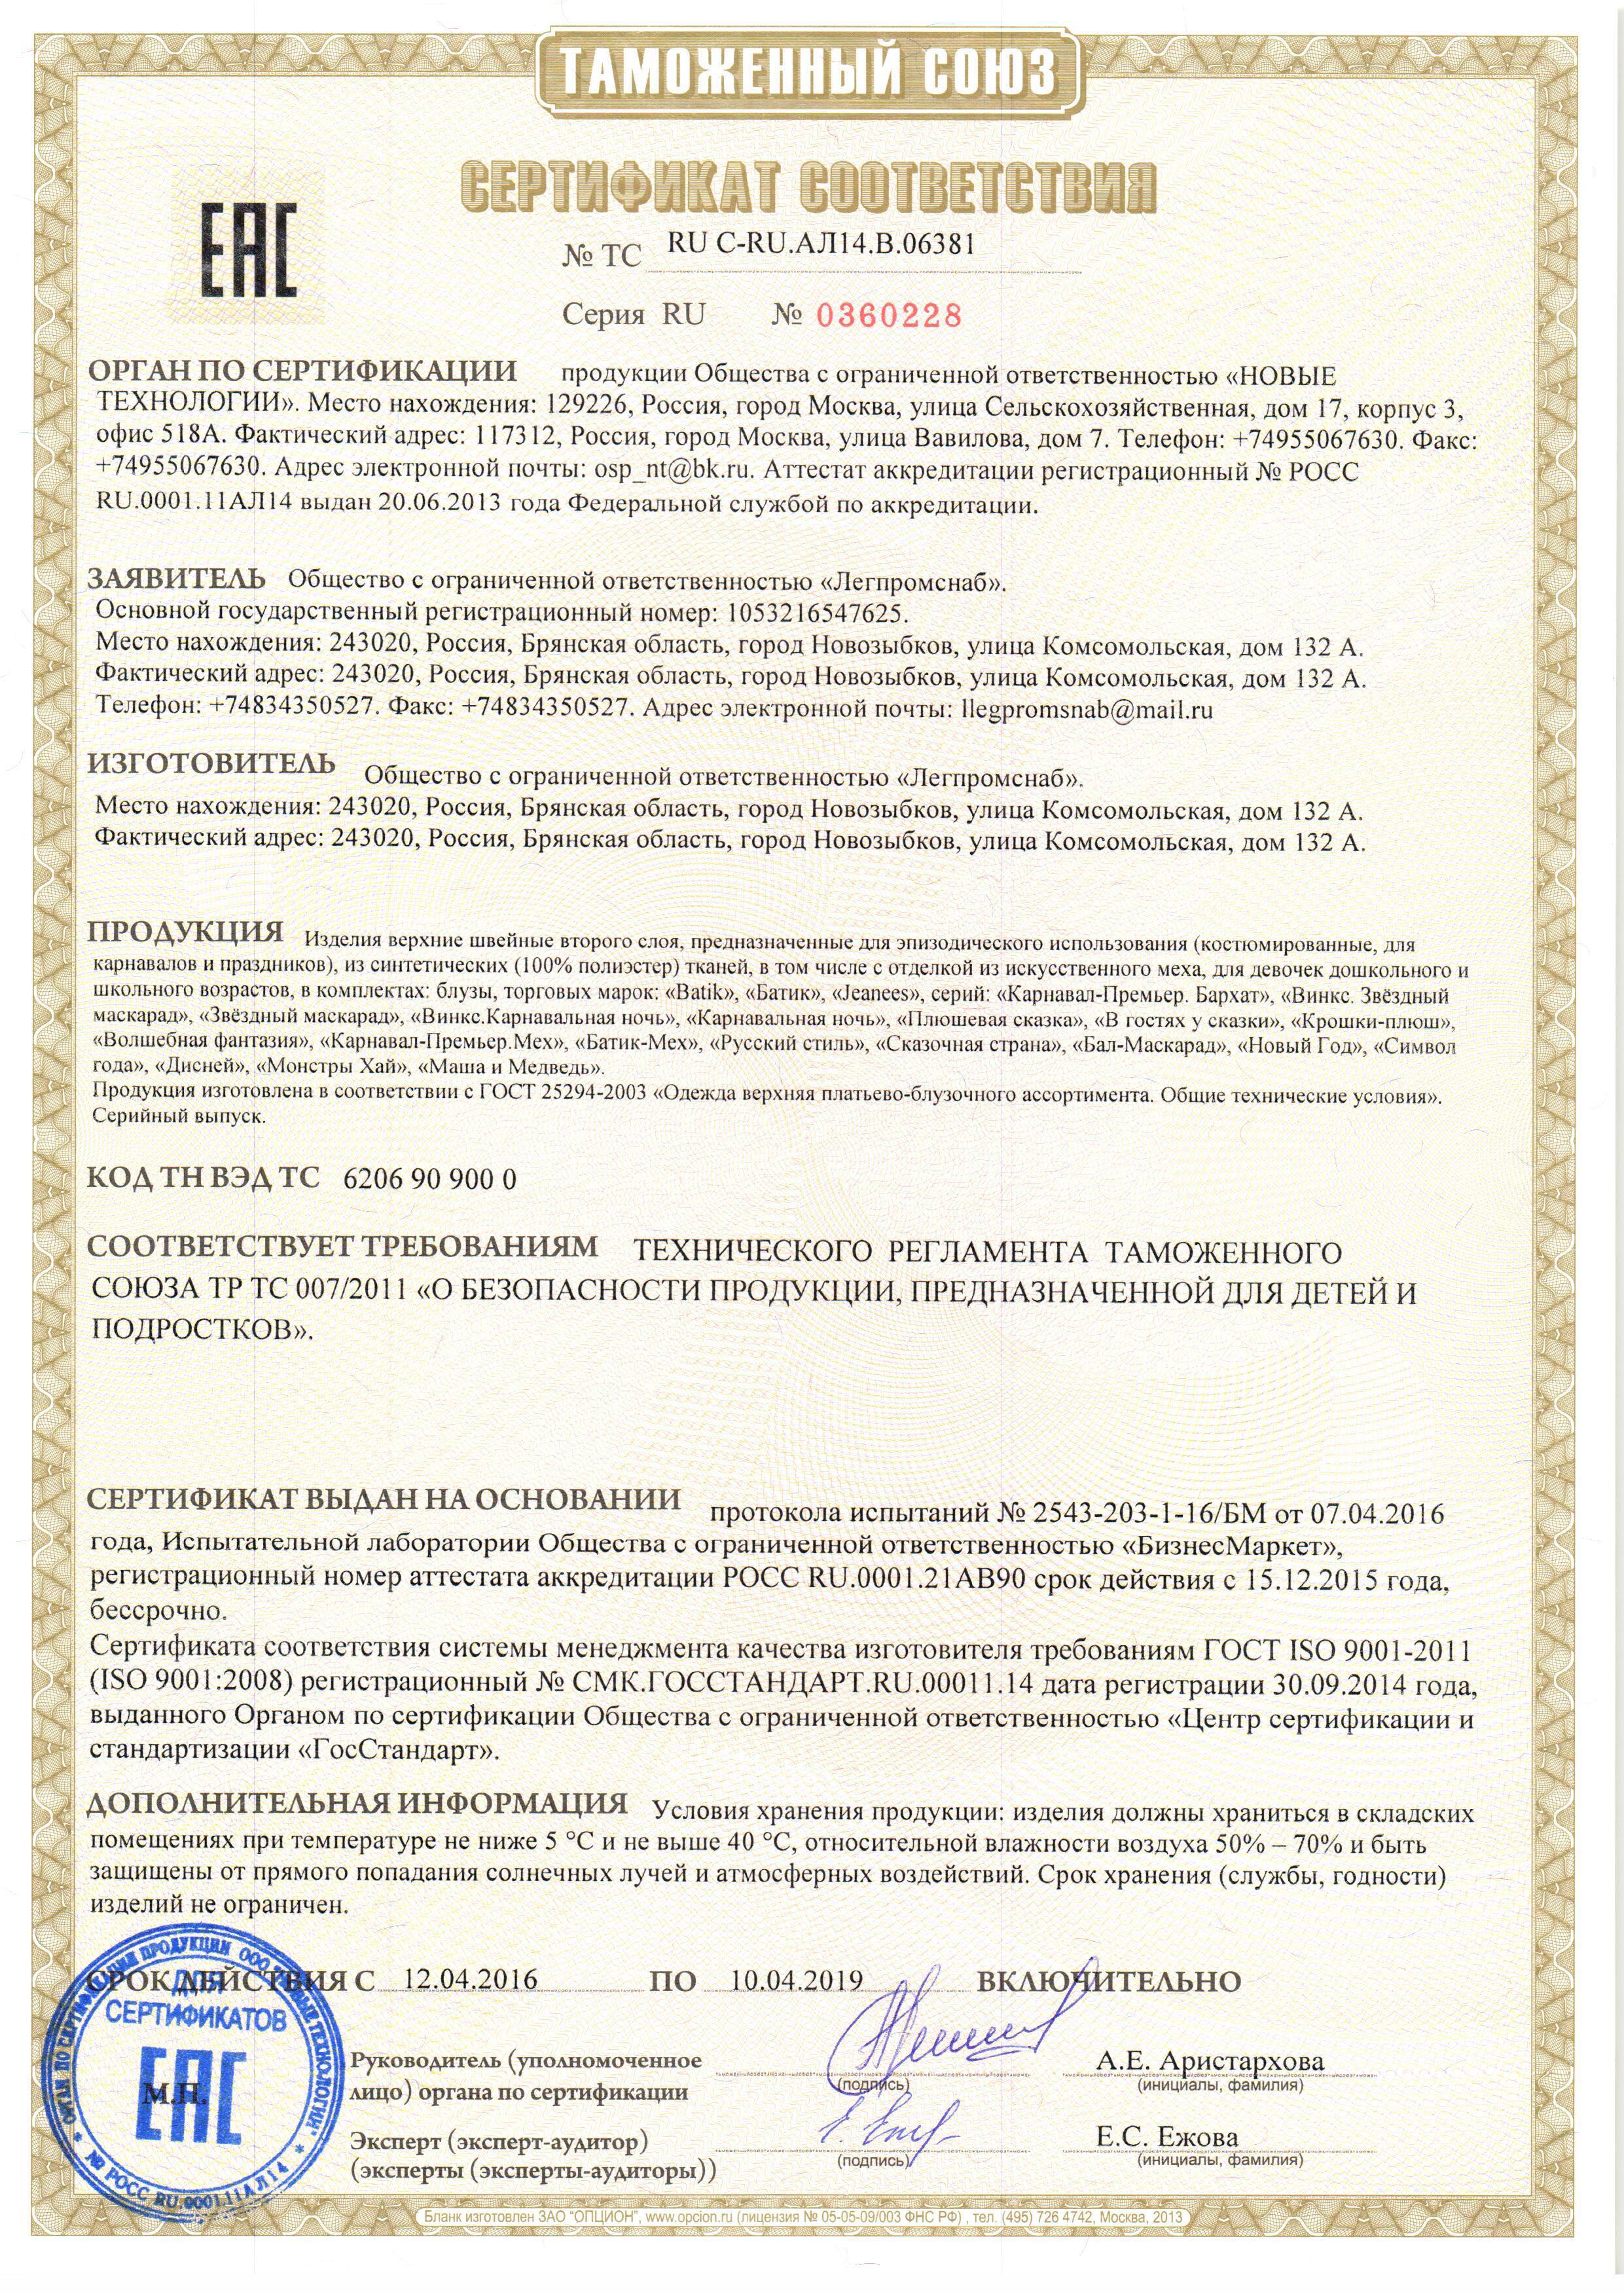 Сертификаты-4.jpg